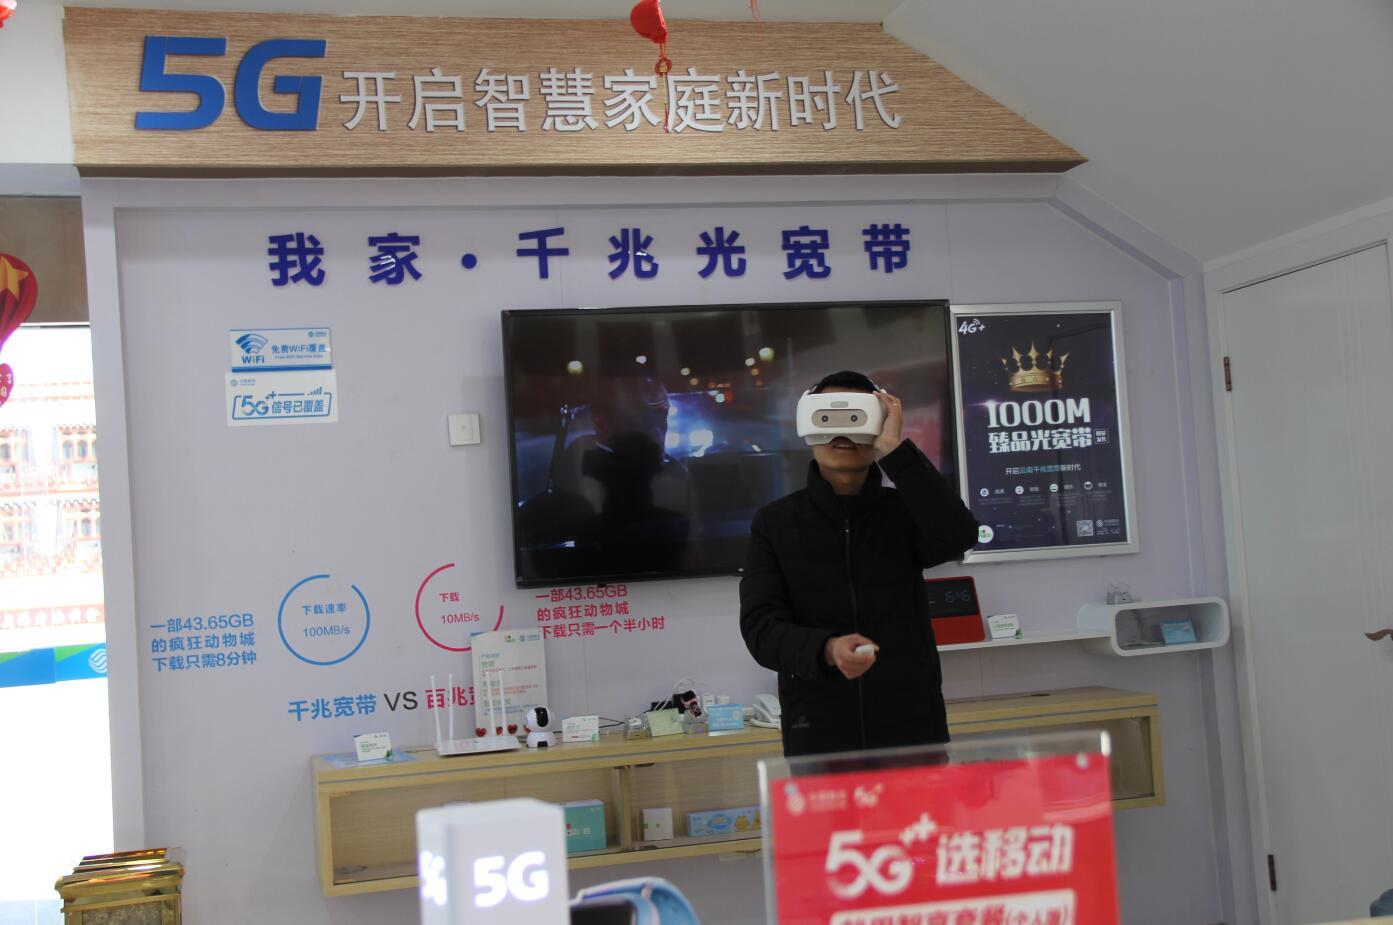 5G真的来了!迪庆移动5G网络覆盖工作有序推进